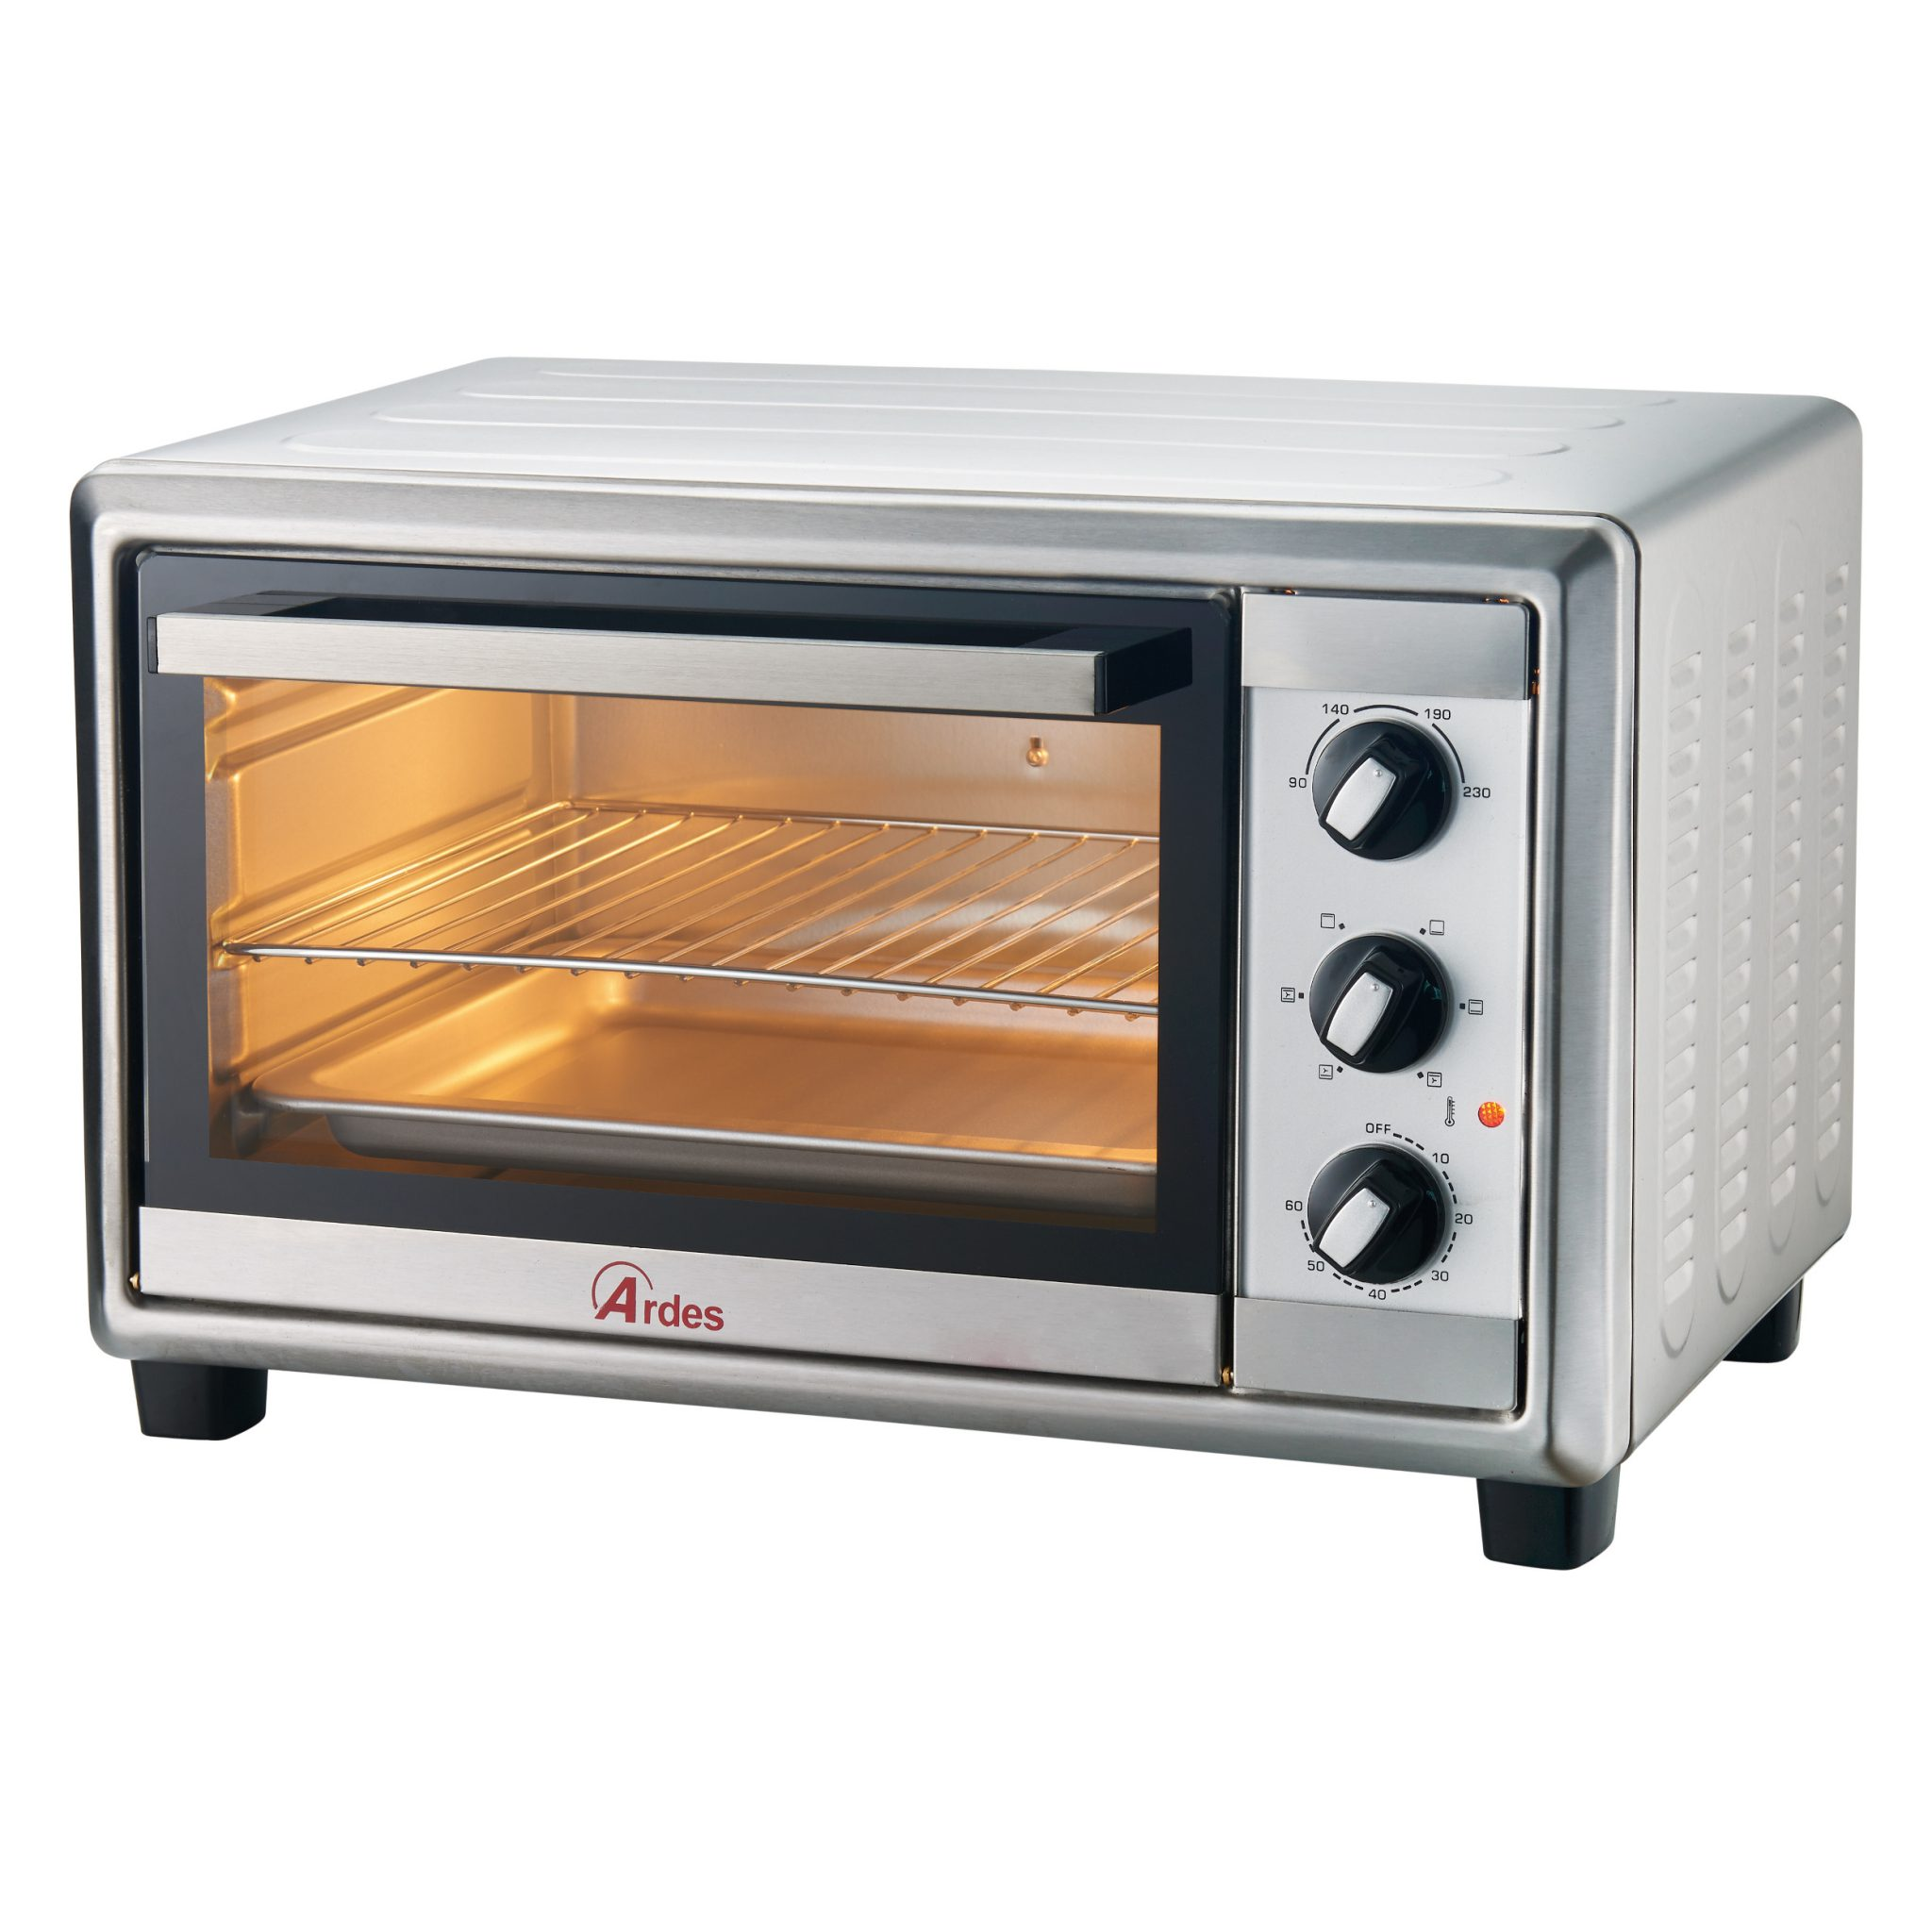 Ar6228x forno elettrico gustavo 28 l inox ardes - Forno elettrico combinato ...